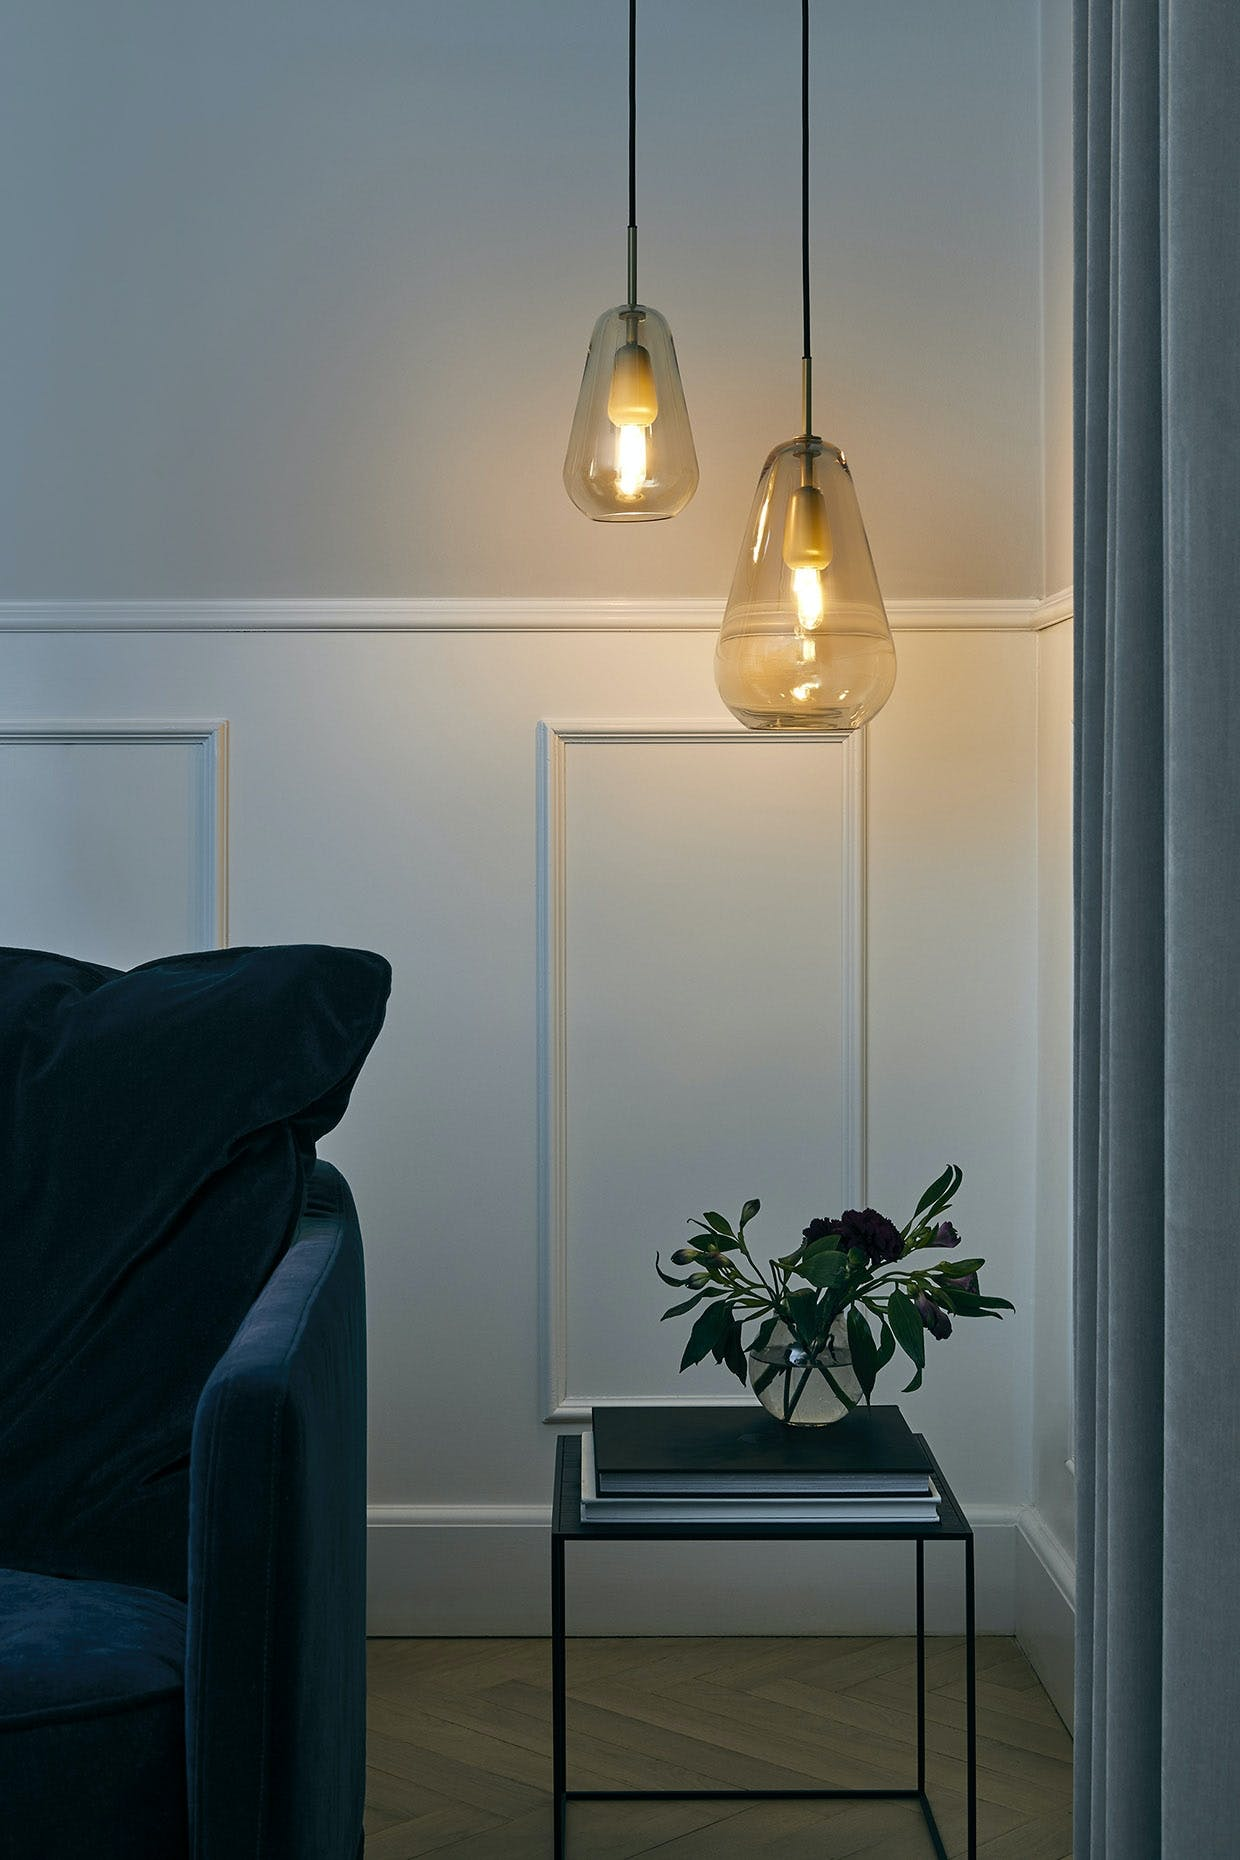 """Lampe fra Nuuras """"Anoli""""-kollektion. Priser fra 2.499 kr."""